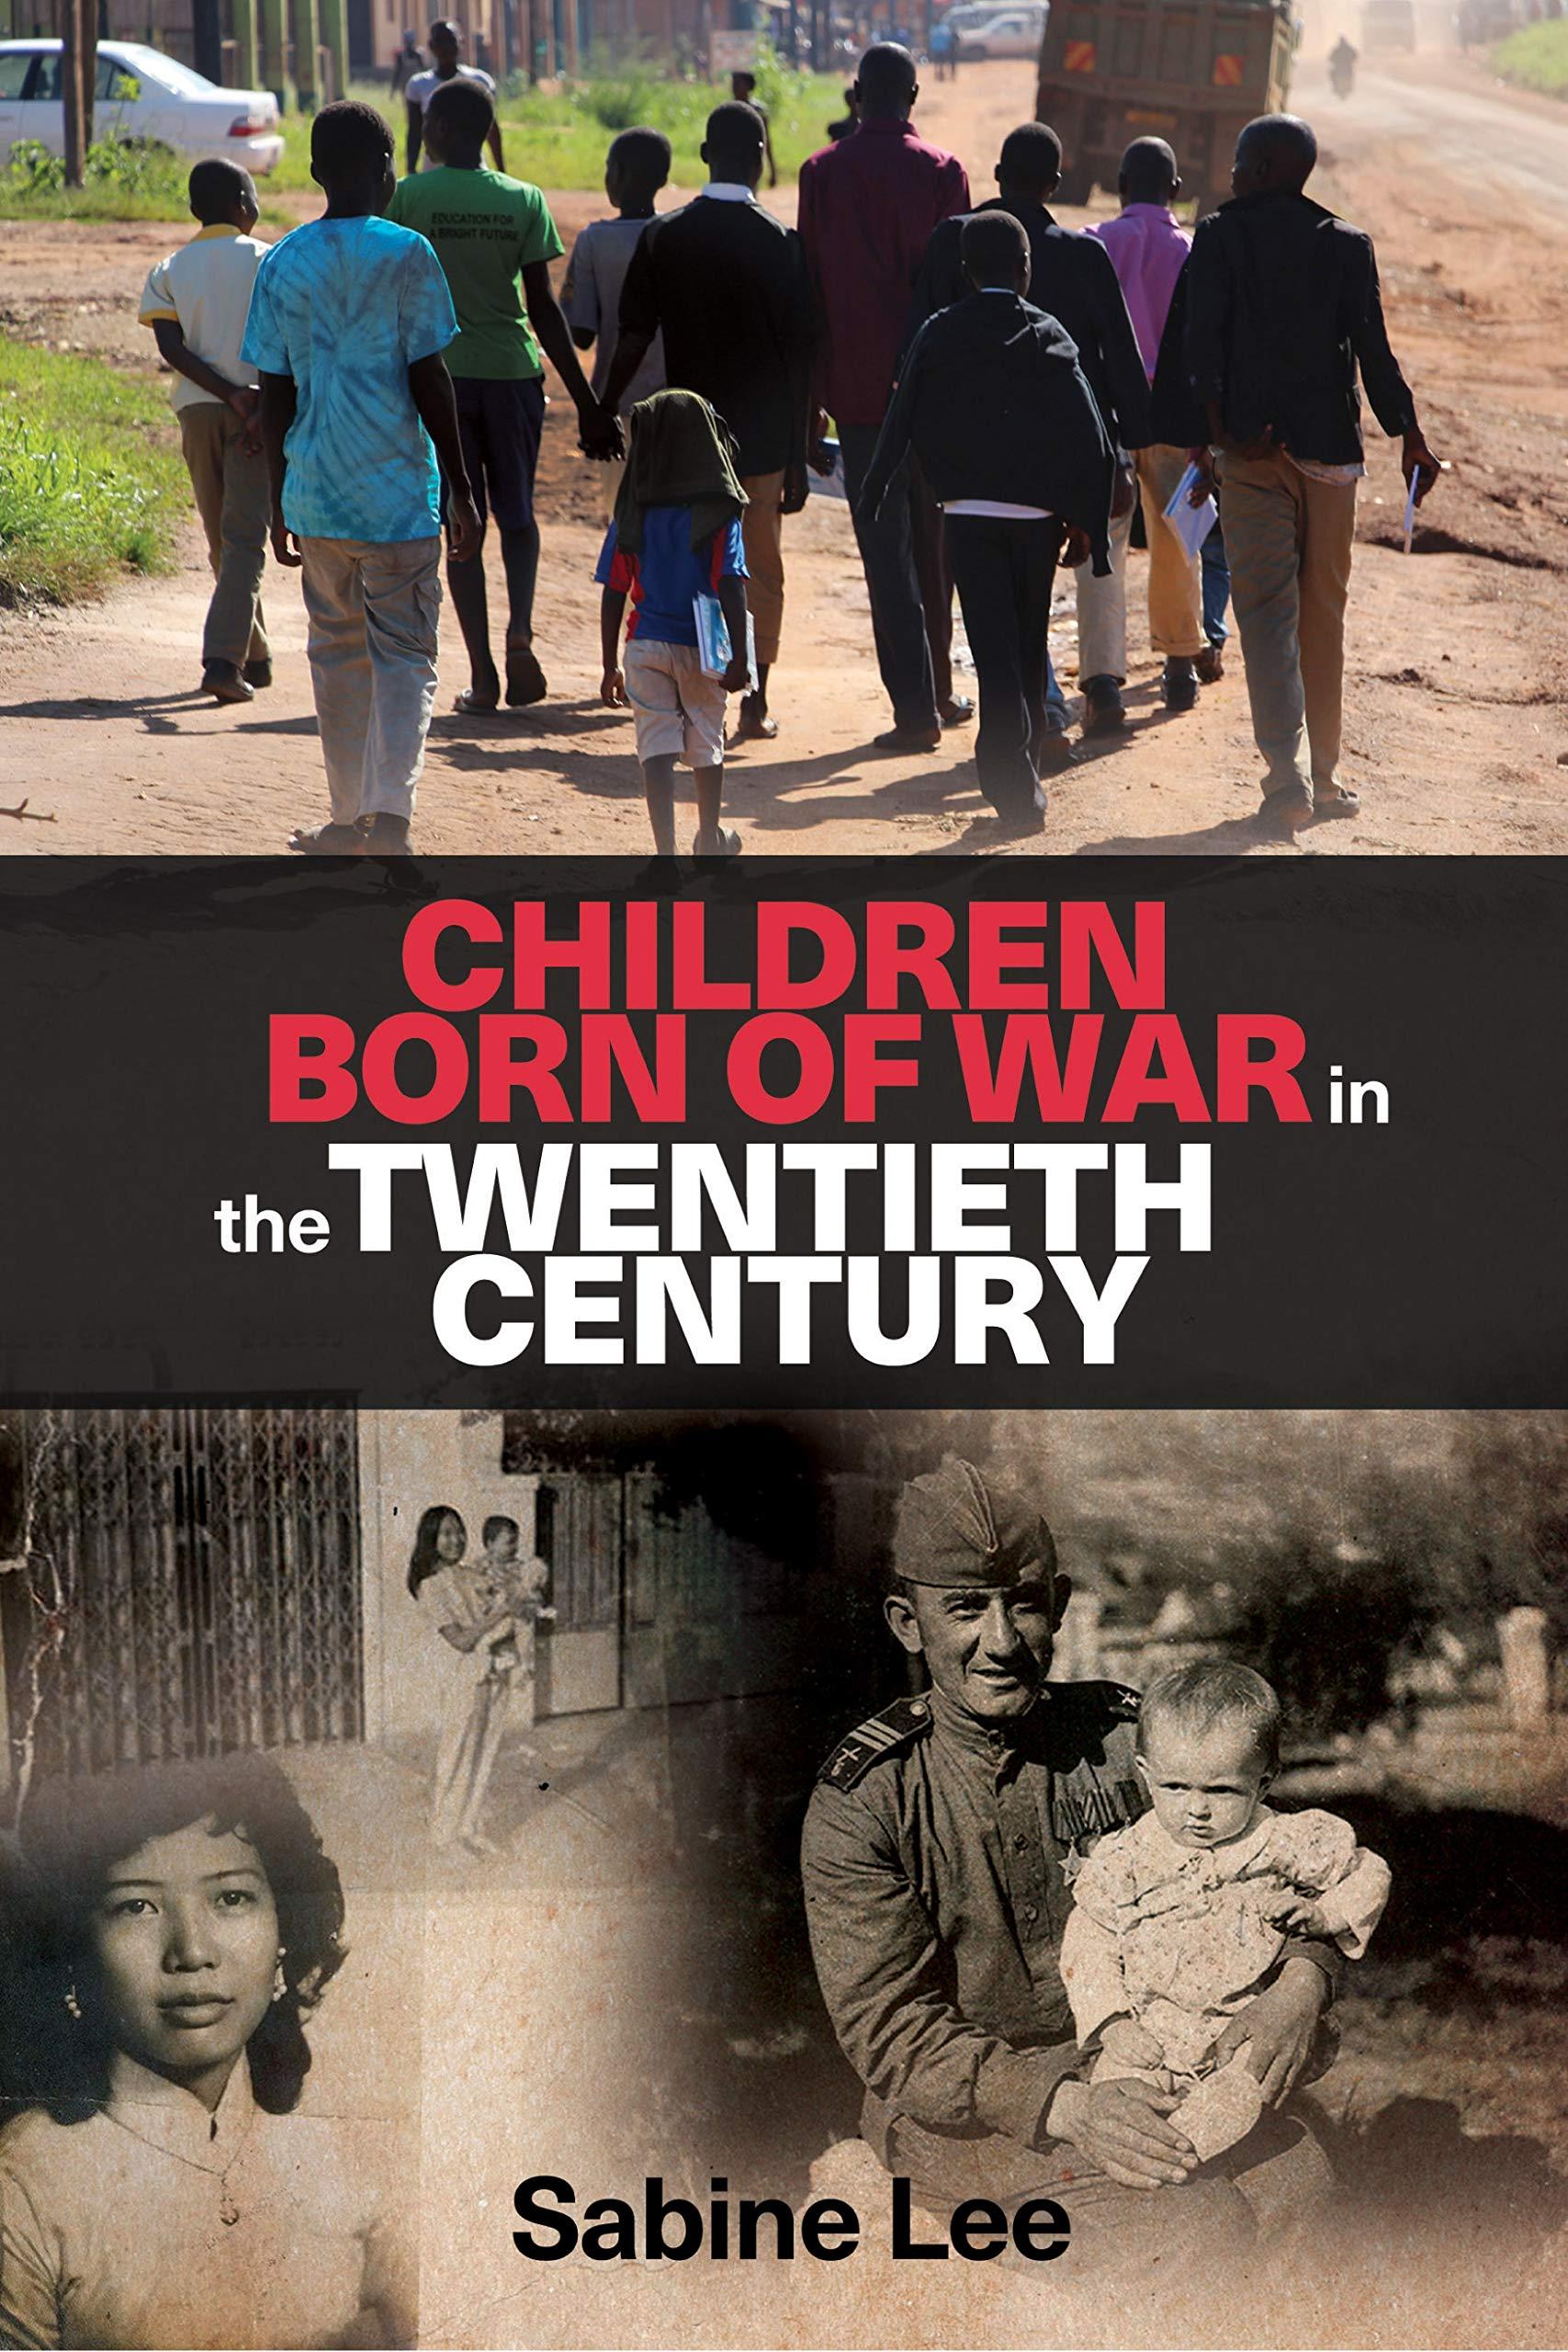 Children born of war in the twentieth century